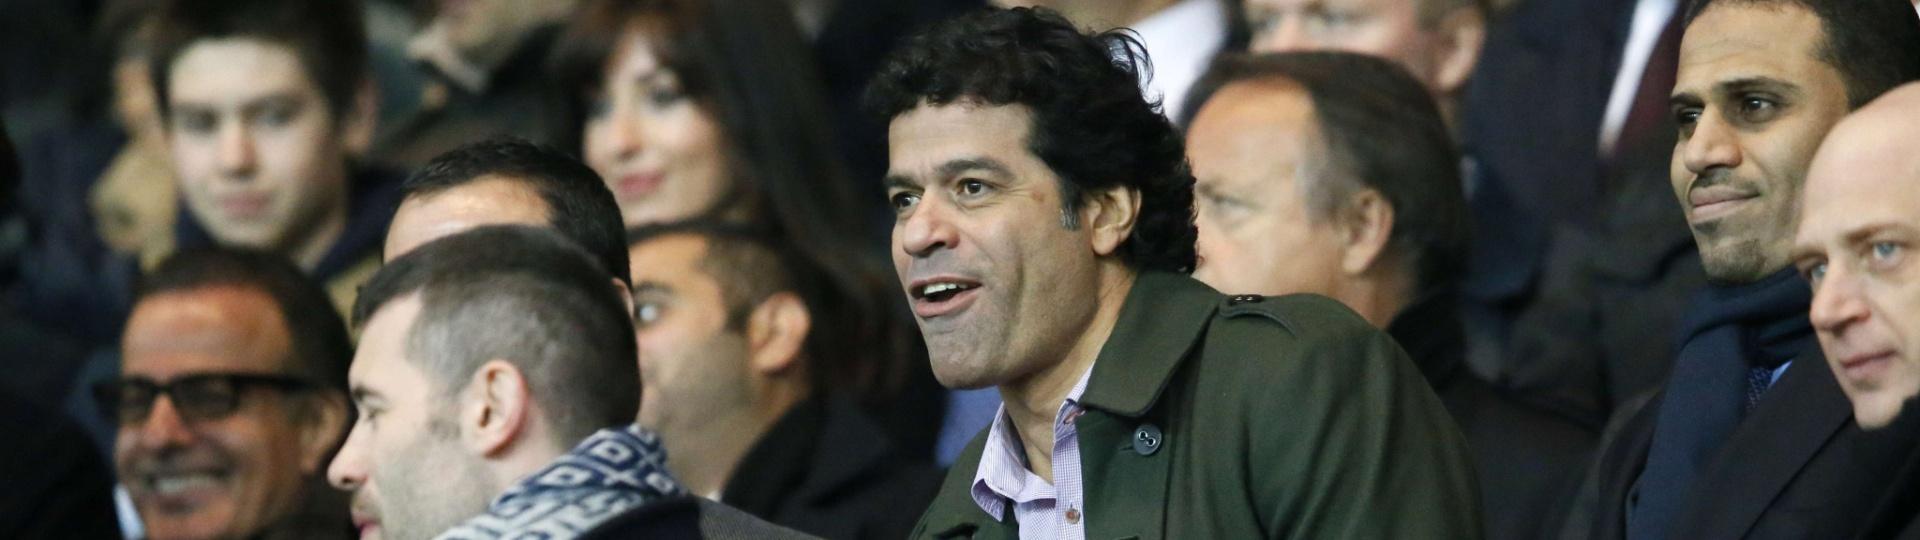 02.abr.2013- Ex-jogador de futebol brasileiro, Raí acompanha o jogo entre Barcelona e PSG nas arquibancadas do Parc des Princes, em Paris